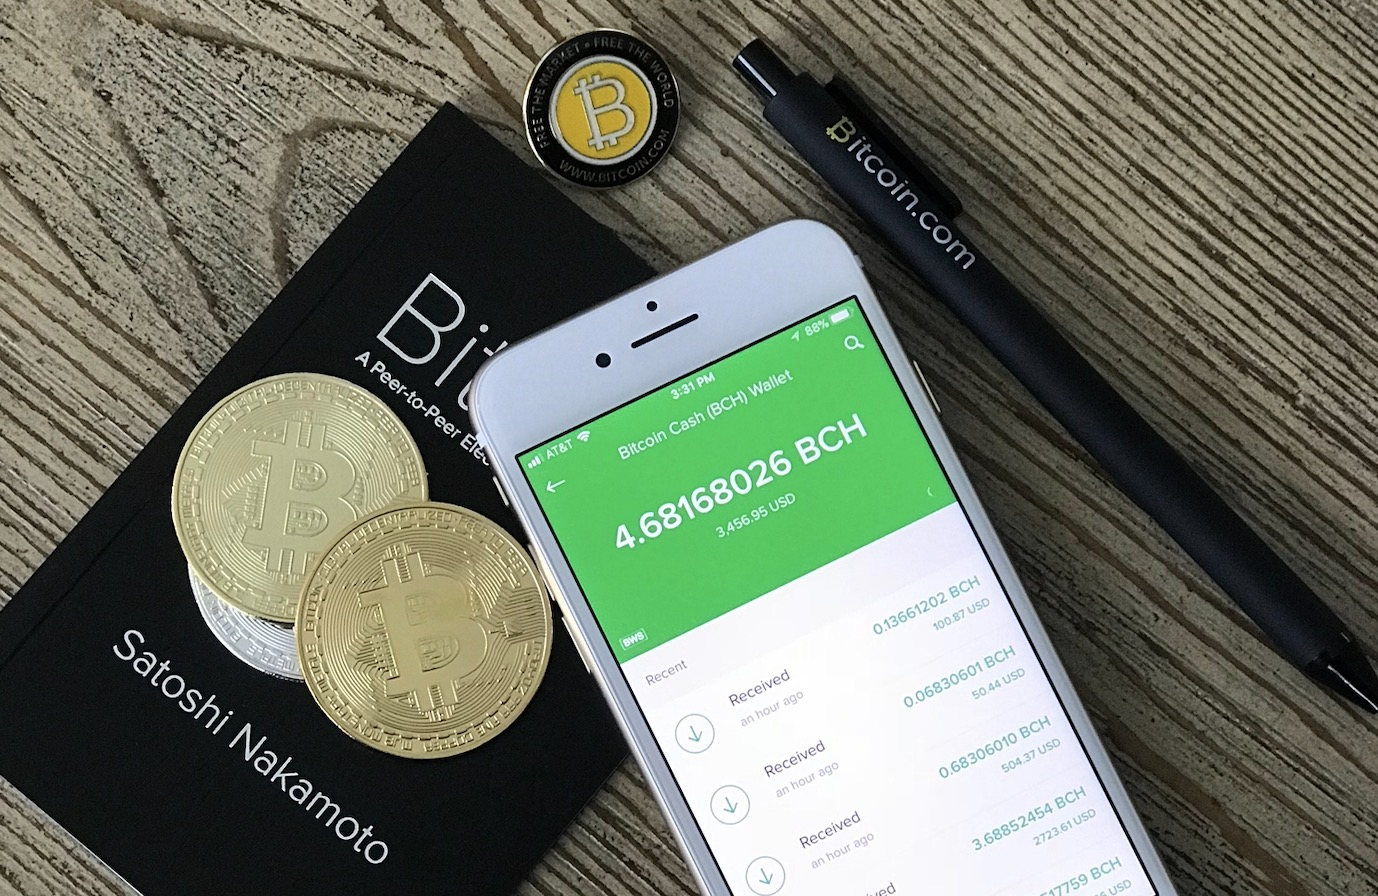 Les cryptomonnaies type Bitcoin devraient se sentir plus à l'aise sur iPhone avec iOS 13 (les développeurs aussi) 1